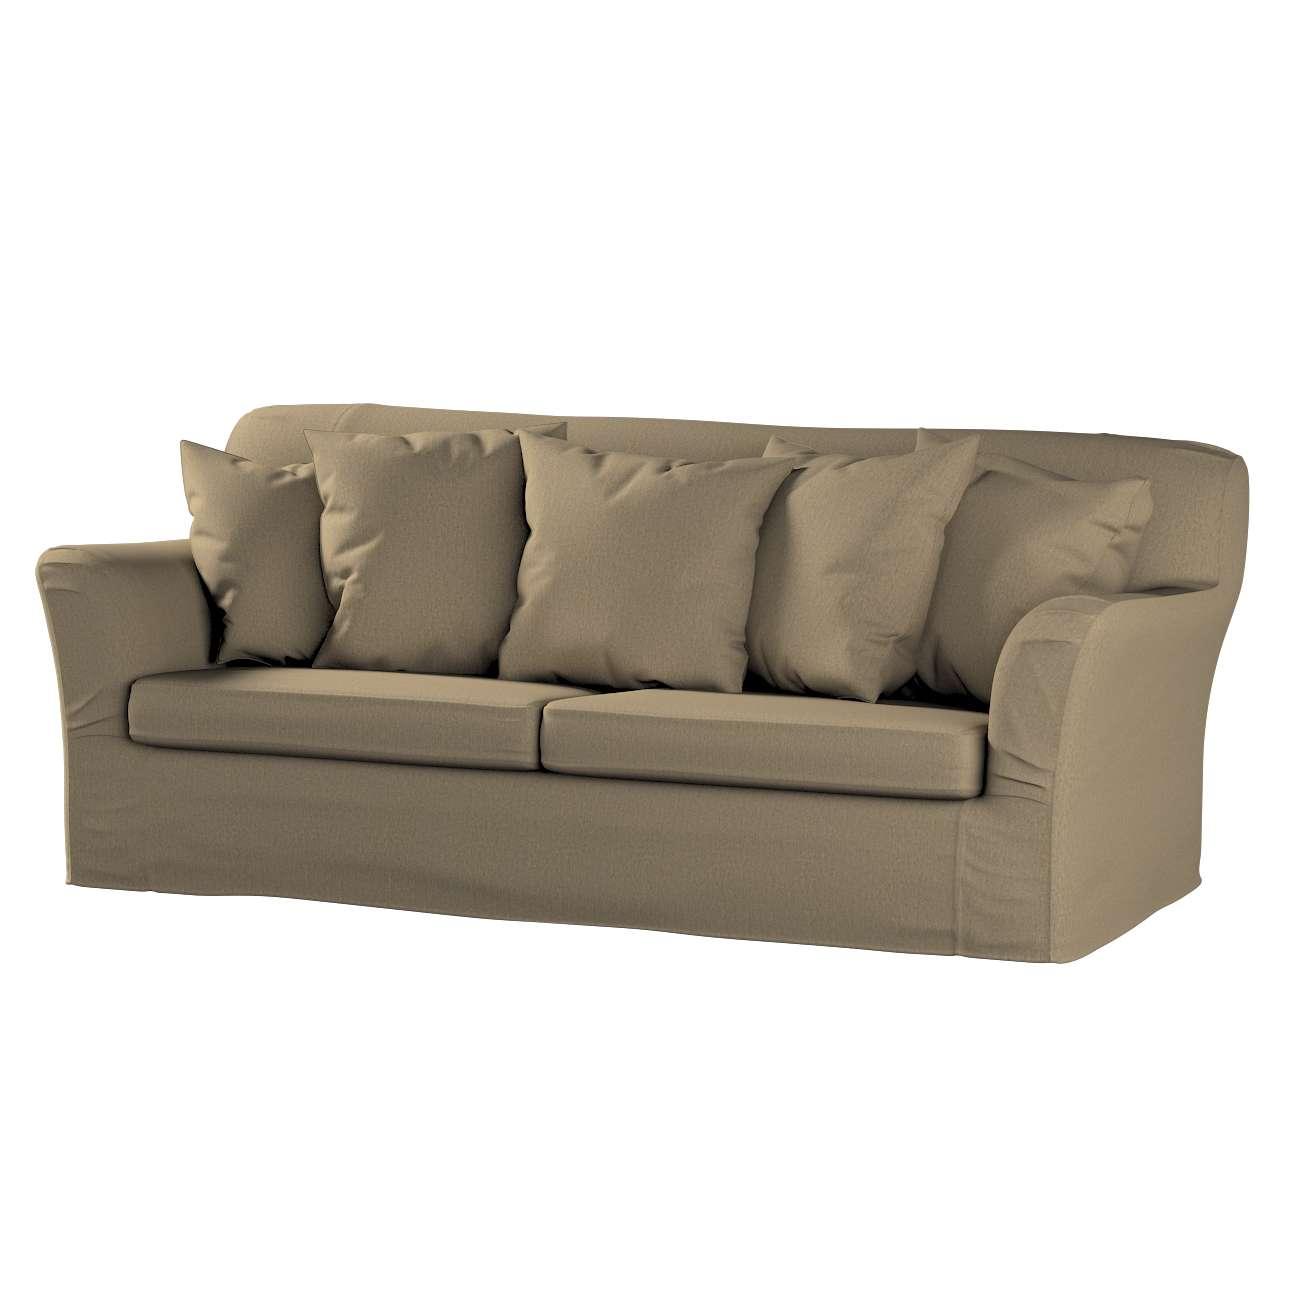 TOMELILLA trivietės sofos lovos užvalkalas TOMELILLA trivietė sofa lova kolekcijoje Chenille, audinys: 702-21